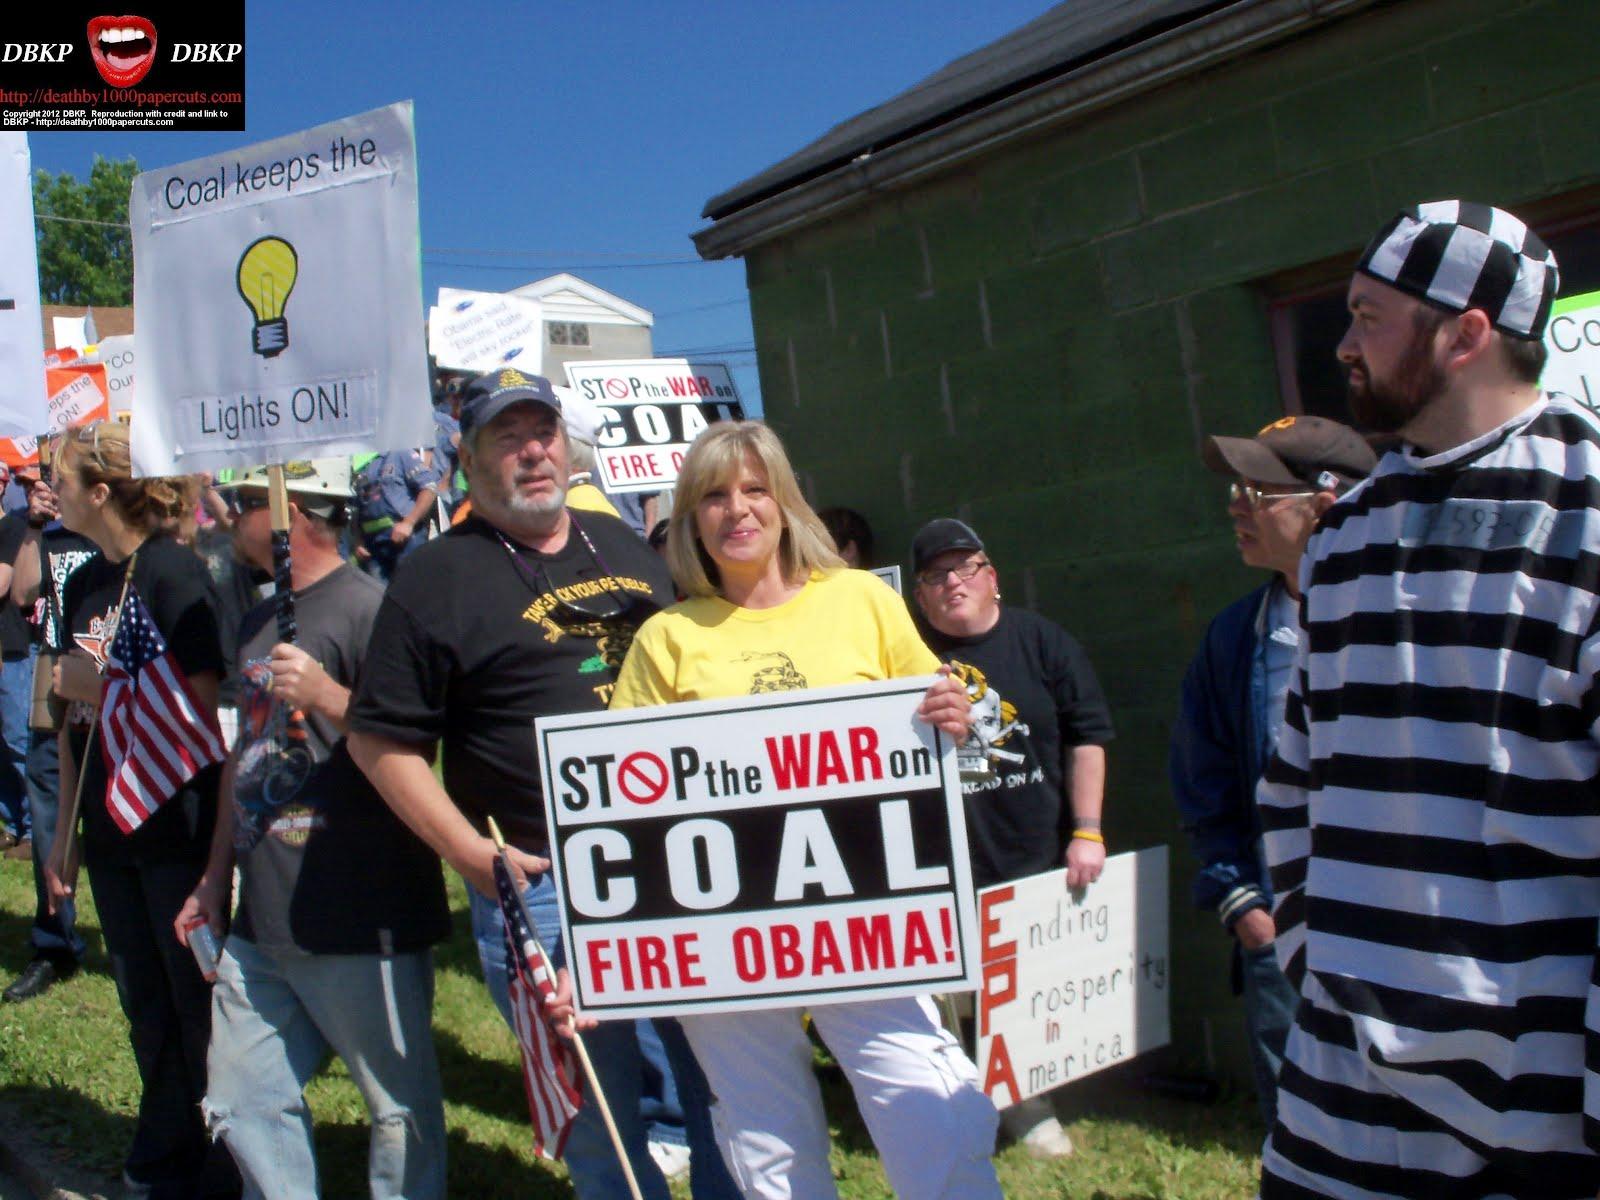 http://4.bp.blogspot.com/-hWtm9cgd26M/T7jWtGBpv3I/AAAAAAAAXqI/BxkFubWuBWw/s1600/Biden-MF-chanting-protestors-0517-2012.jpg